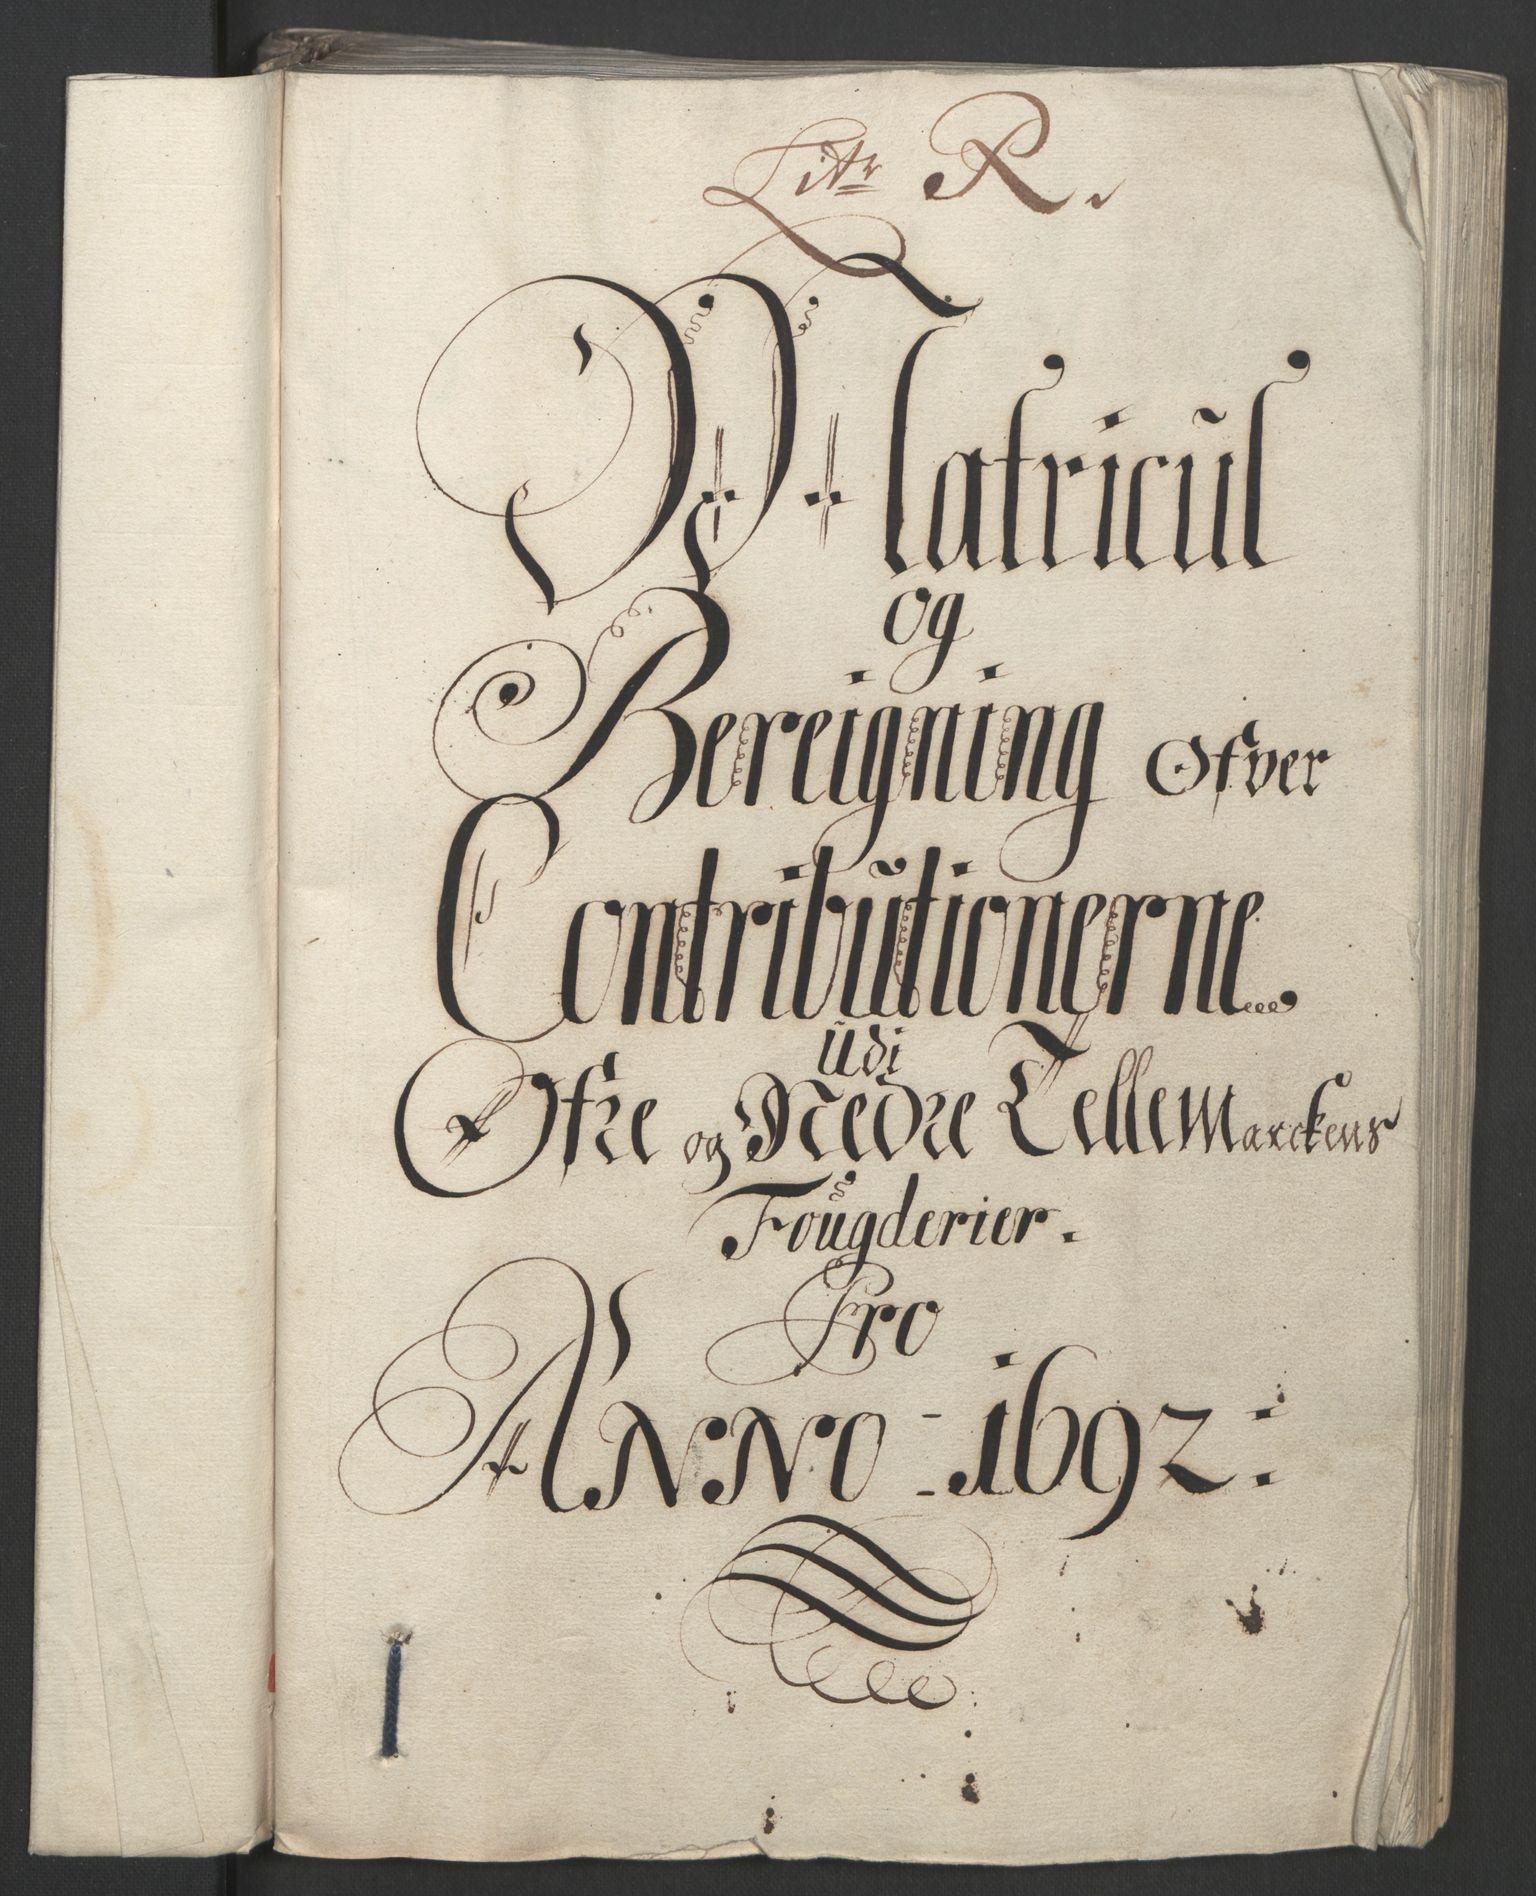 RA, Rentekammeret inntil 1814, Reviderte regnskaper, Fogderegnskap, R35/L2090: Fogderegnskap Øvre og Nedre Telemark, 1692, s. 51